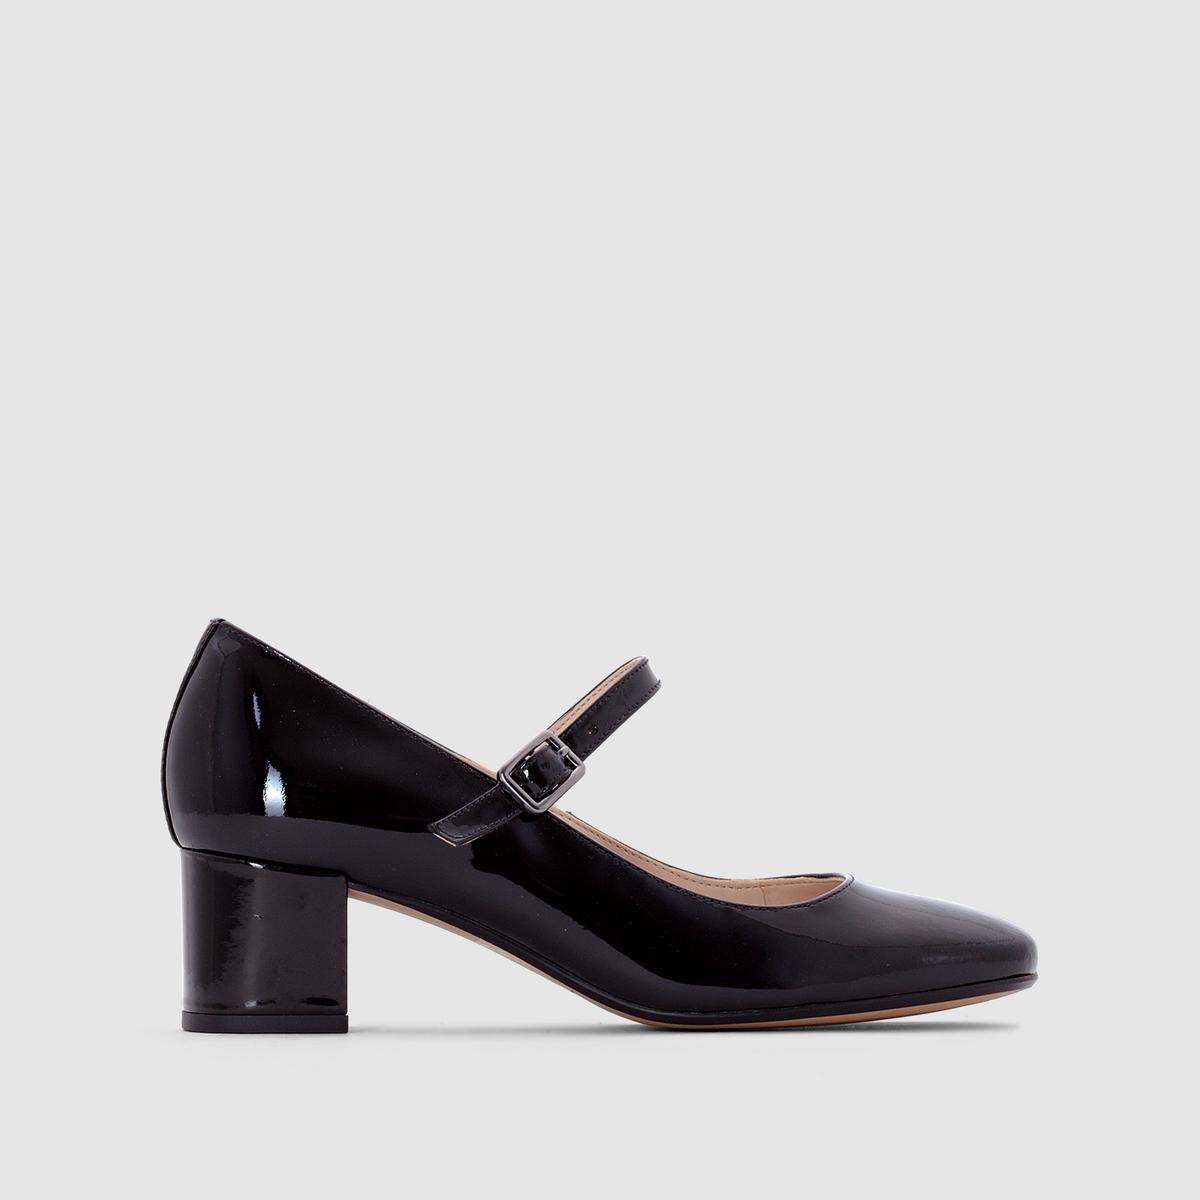 Босоножки CLARKS Chinaberry popМежду легкостью балеток и женственностью туфель - творение от марки Clarks, которое нас очарует: лакированная кожа добавит изысканности и аккуратности нашему образу.<br><br>Цвет: Черный лак<br>Размер: 36